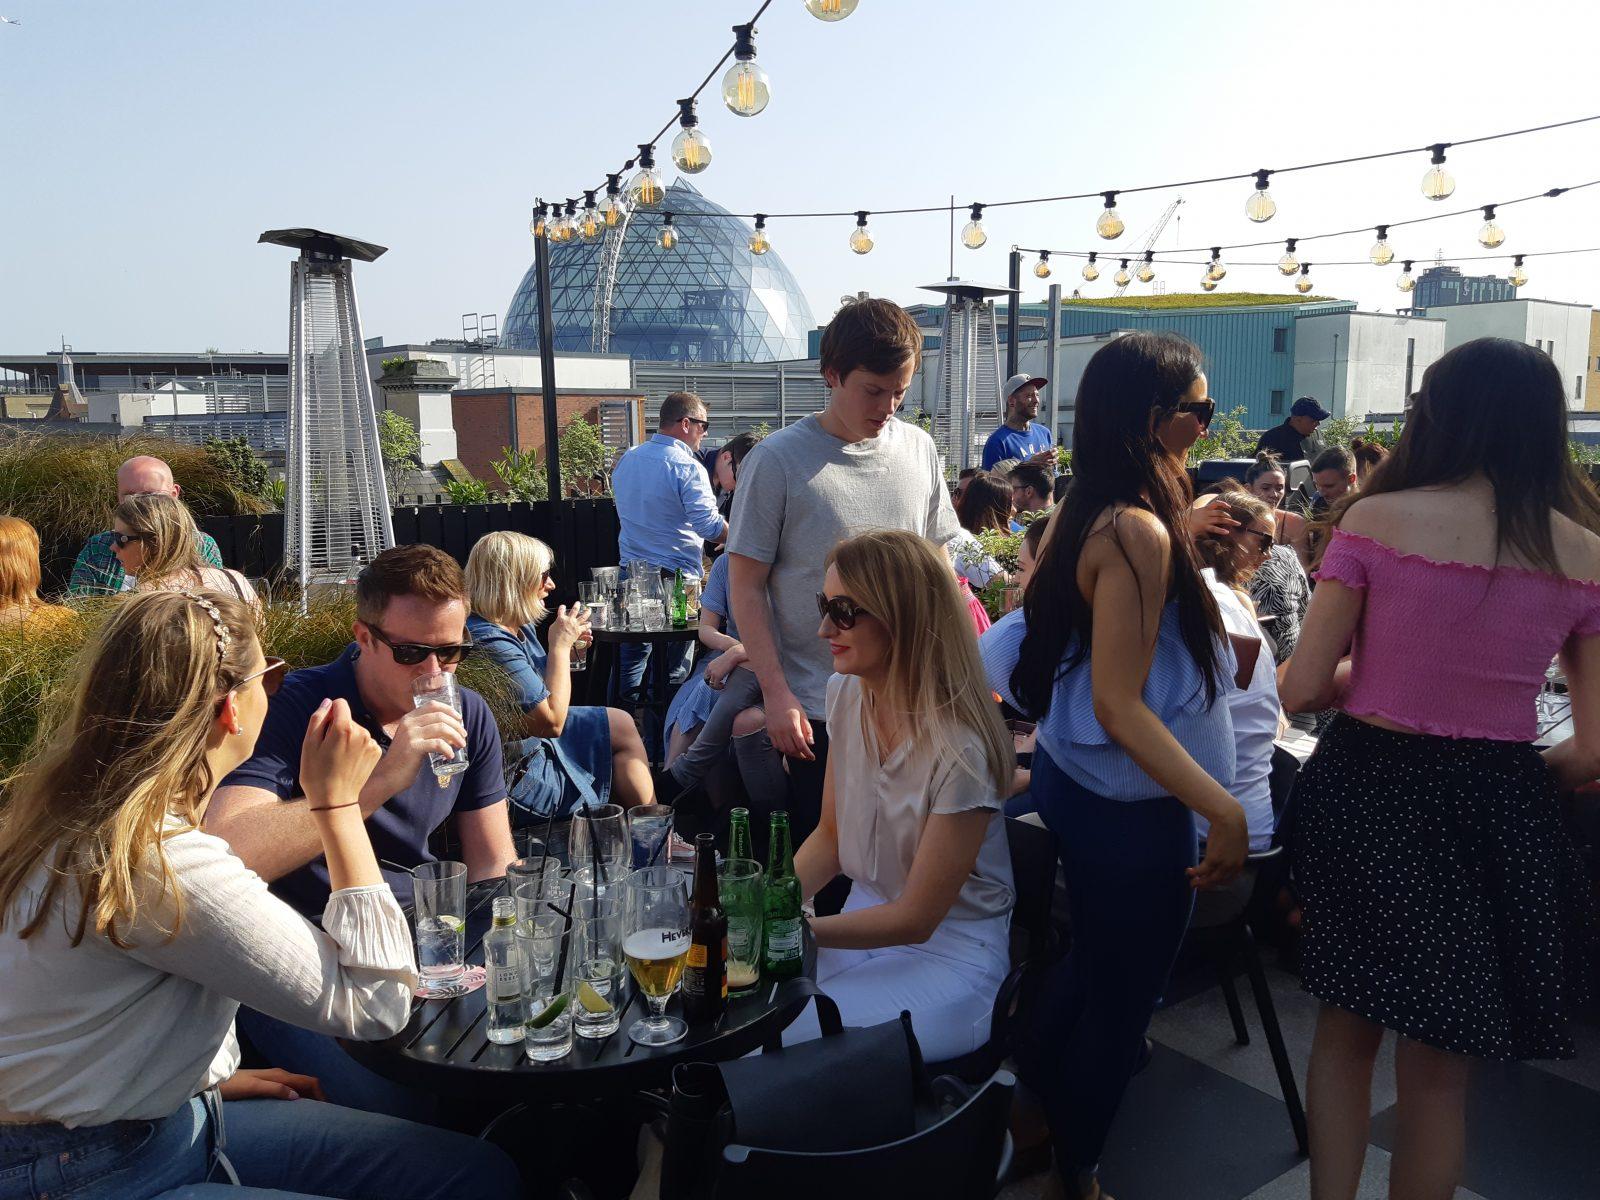 Babel rooftop bar Belfast